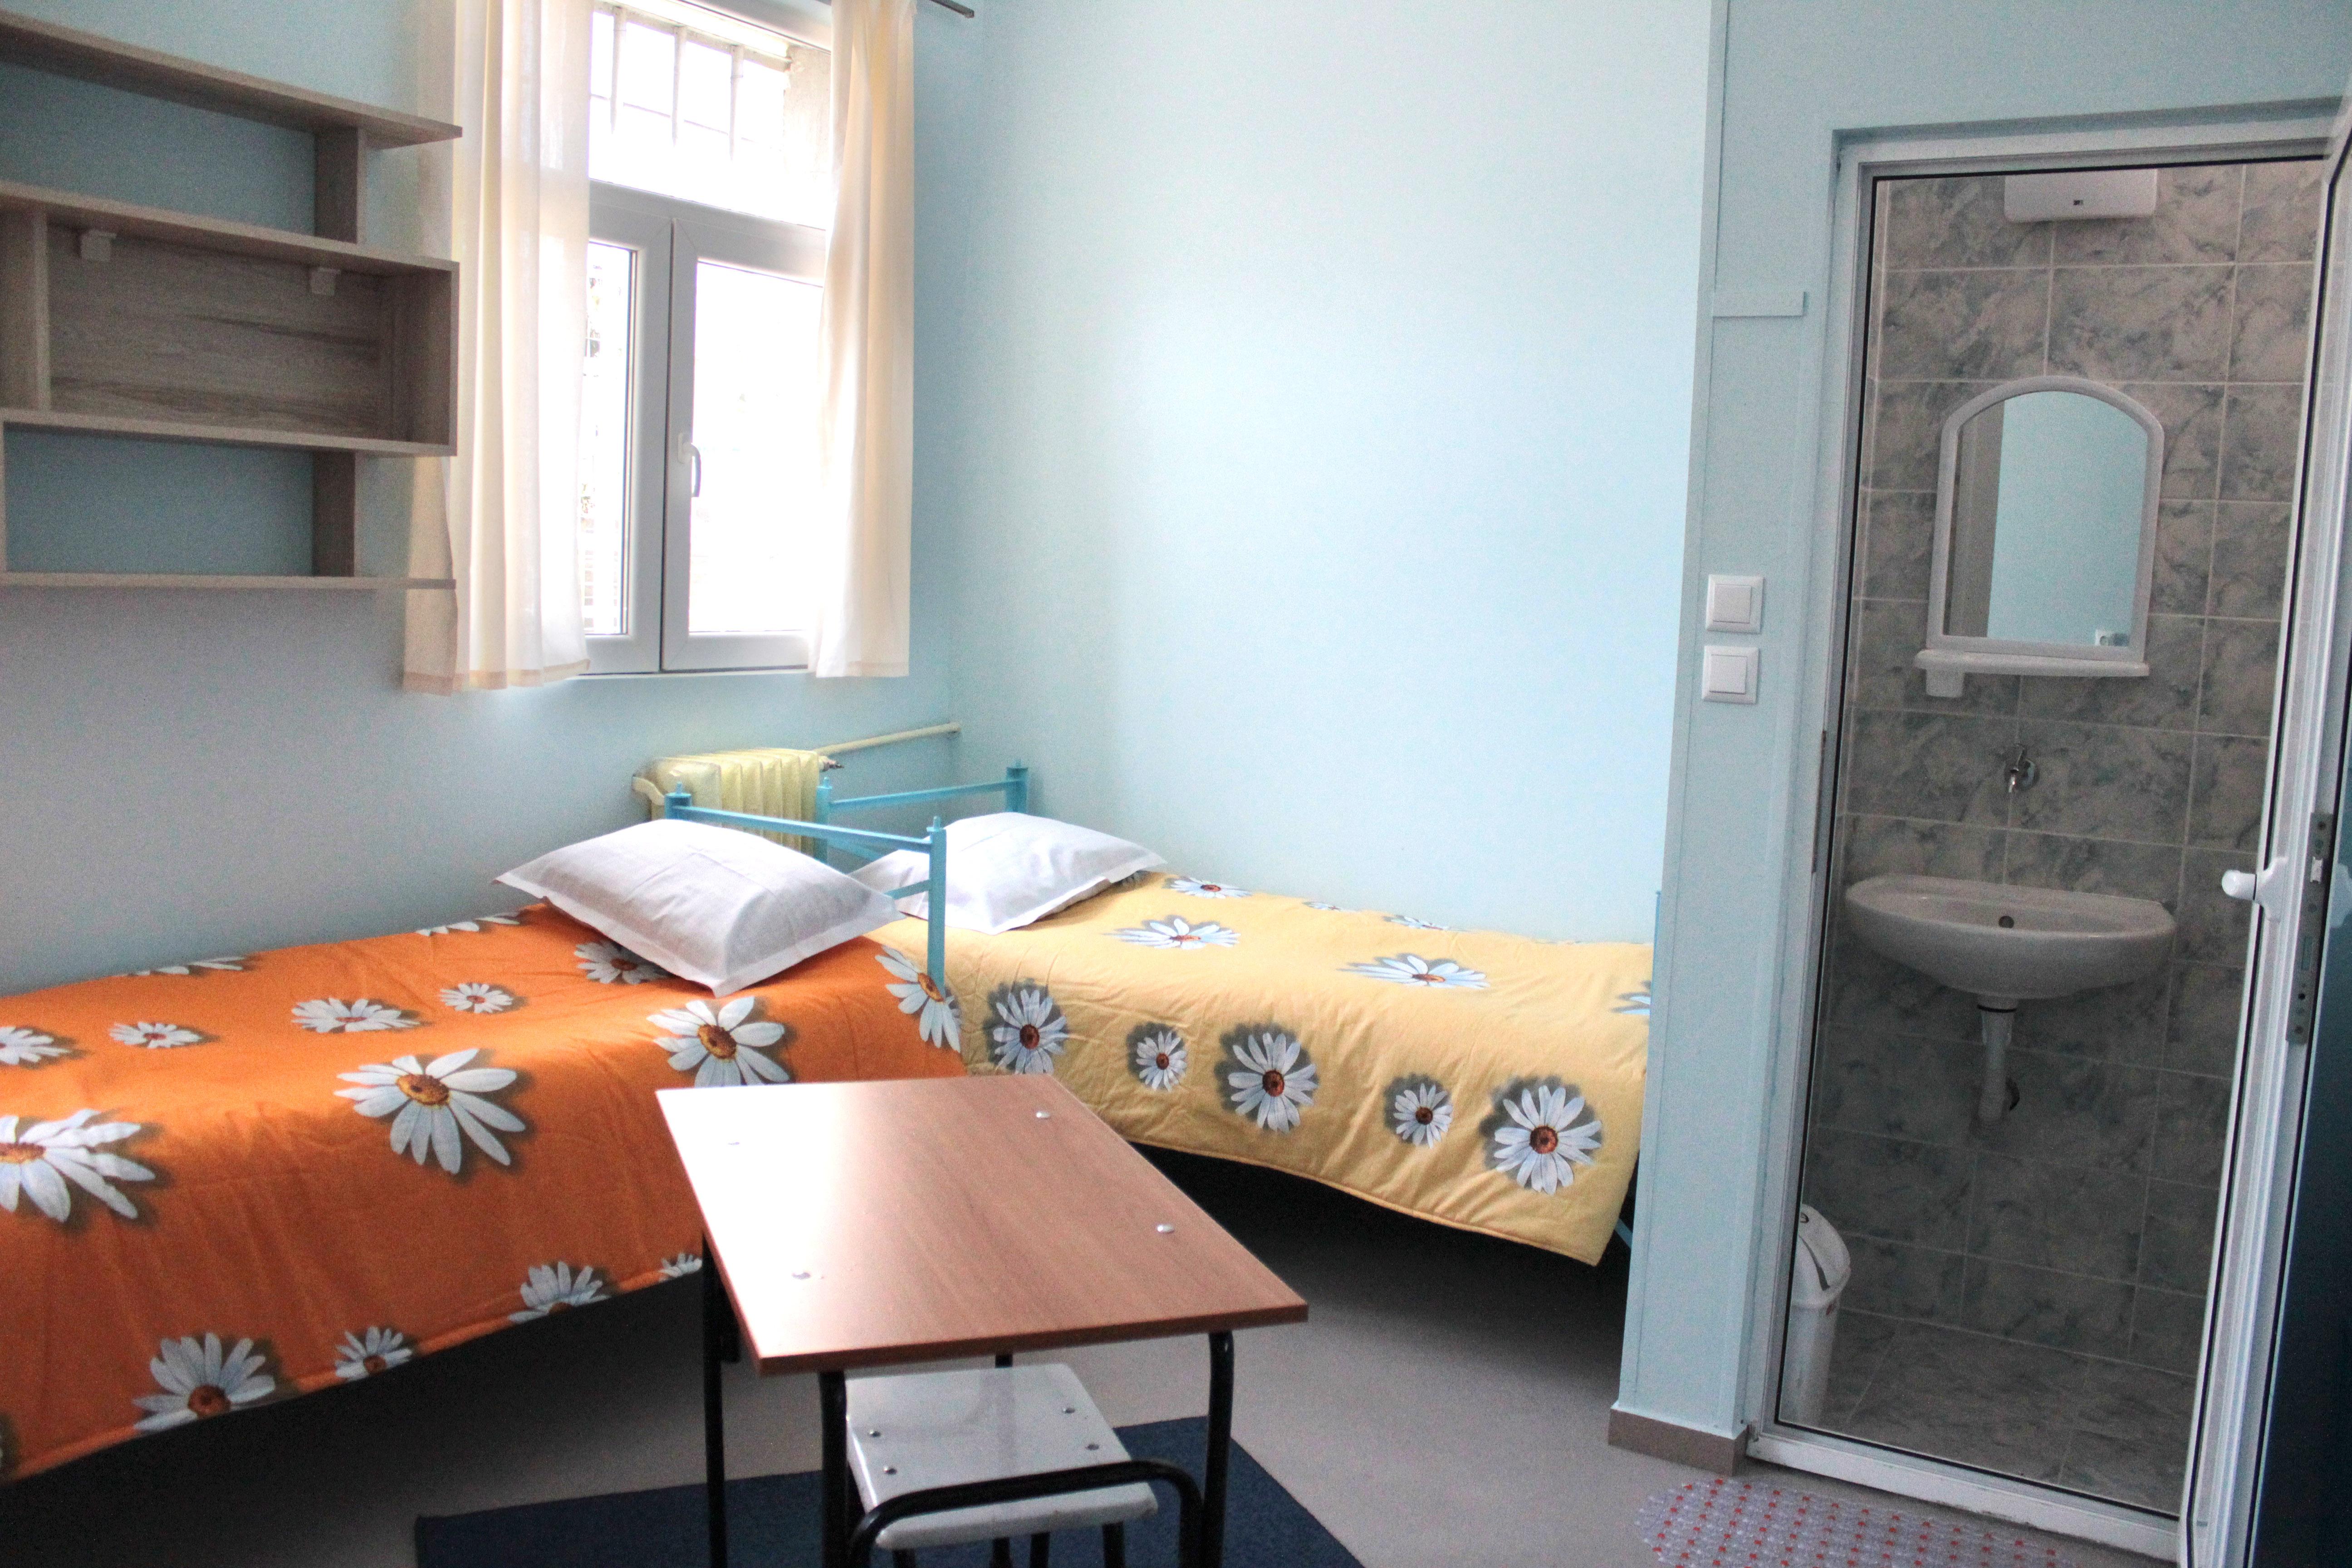 Така изглеждат килиите в Сливен след основния ремонт на тамошния затвор.